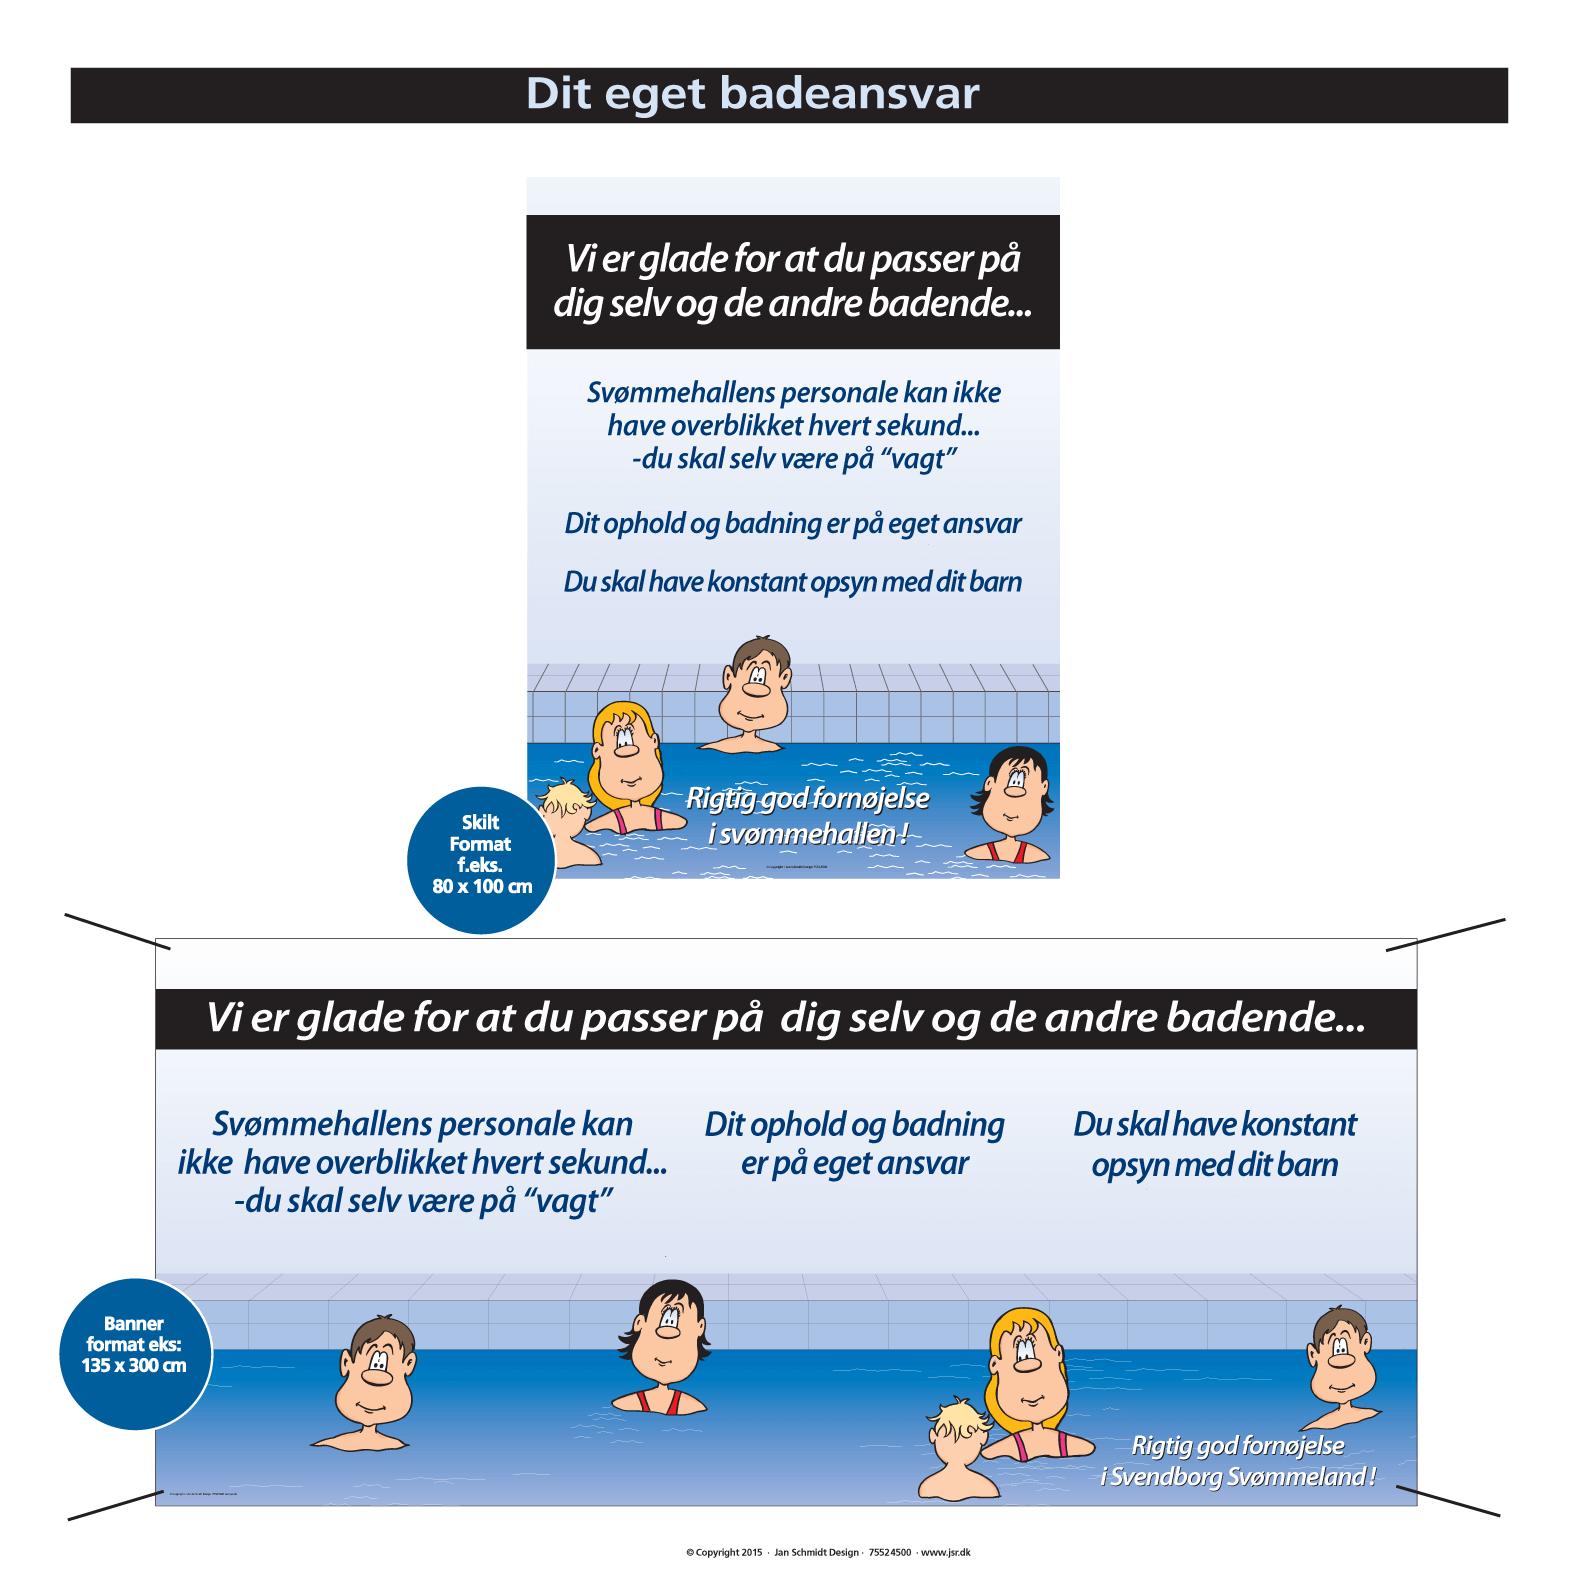 dit-eget-badeansvar-til-web